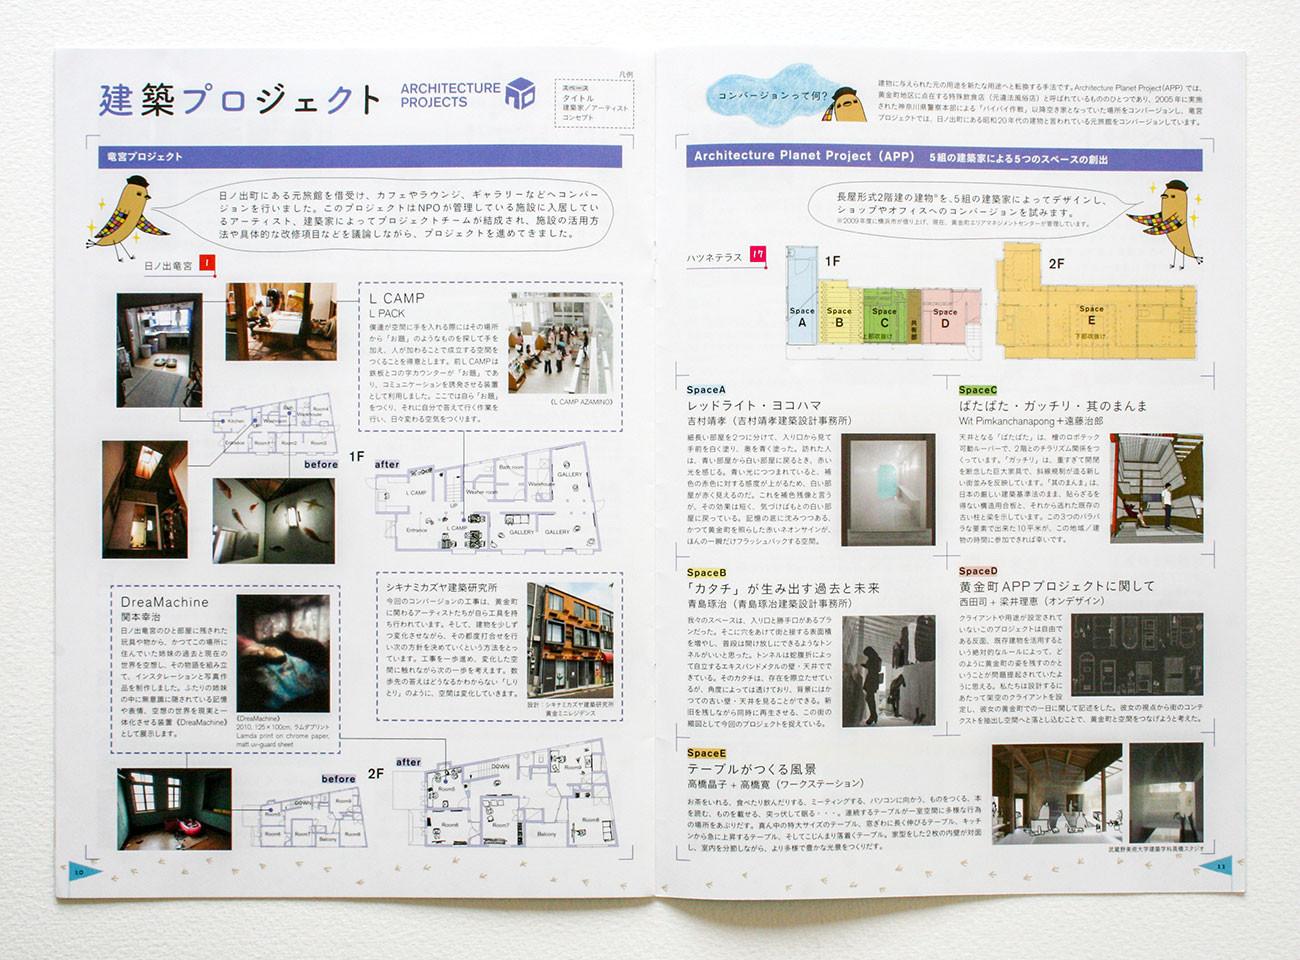 2010_koganecho2010_pamph_IMG_0802.JPG